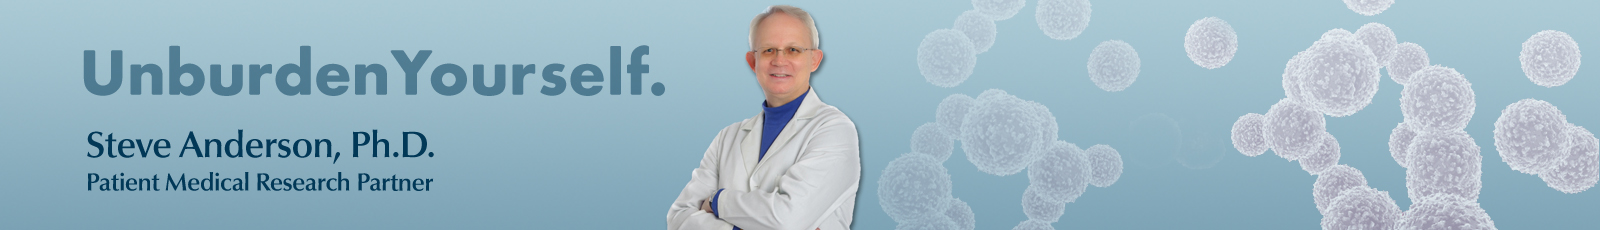 Steve Anderson PhD